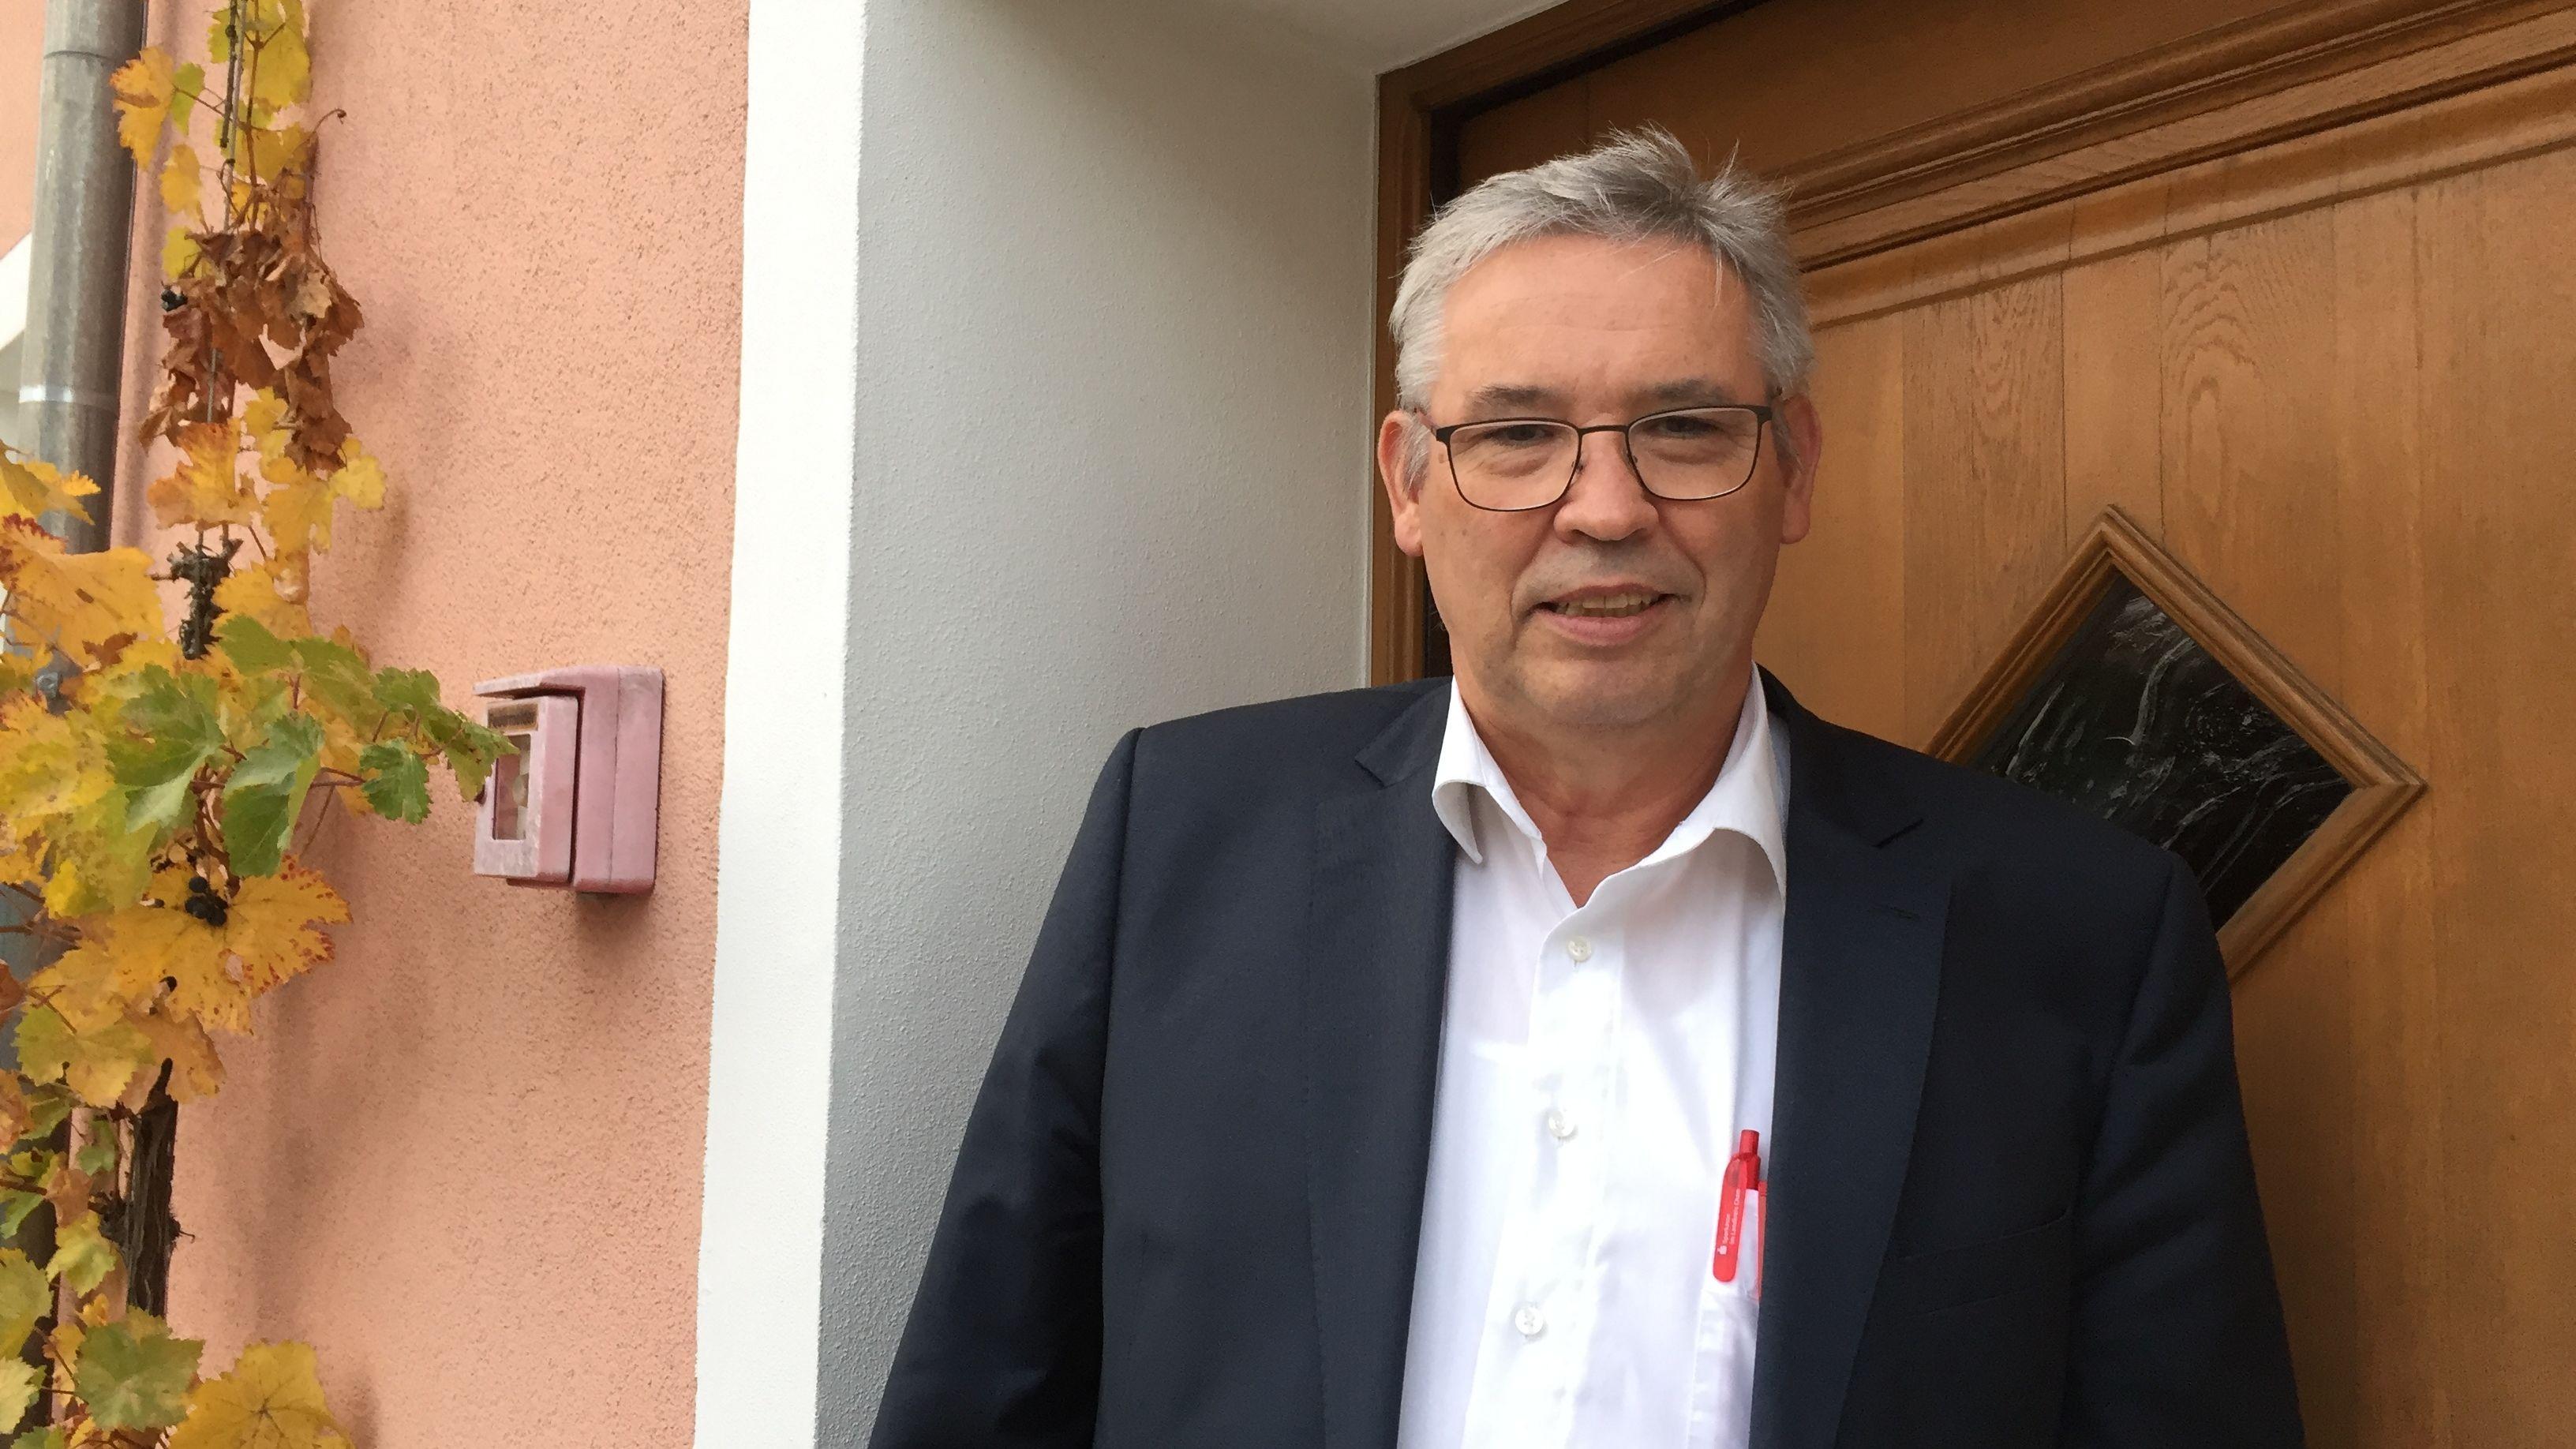 Der amtierende ehrenamtliche Bürgermeister Roider tritt nicht mehr an